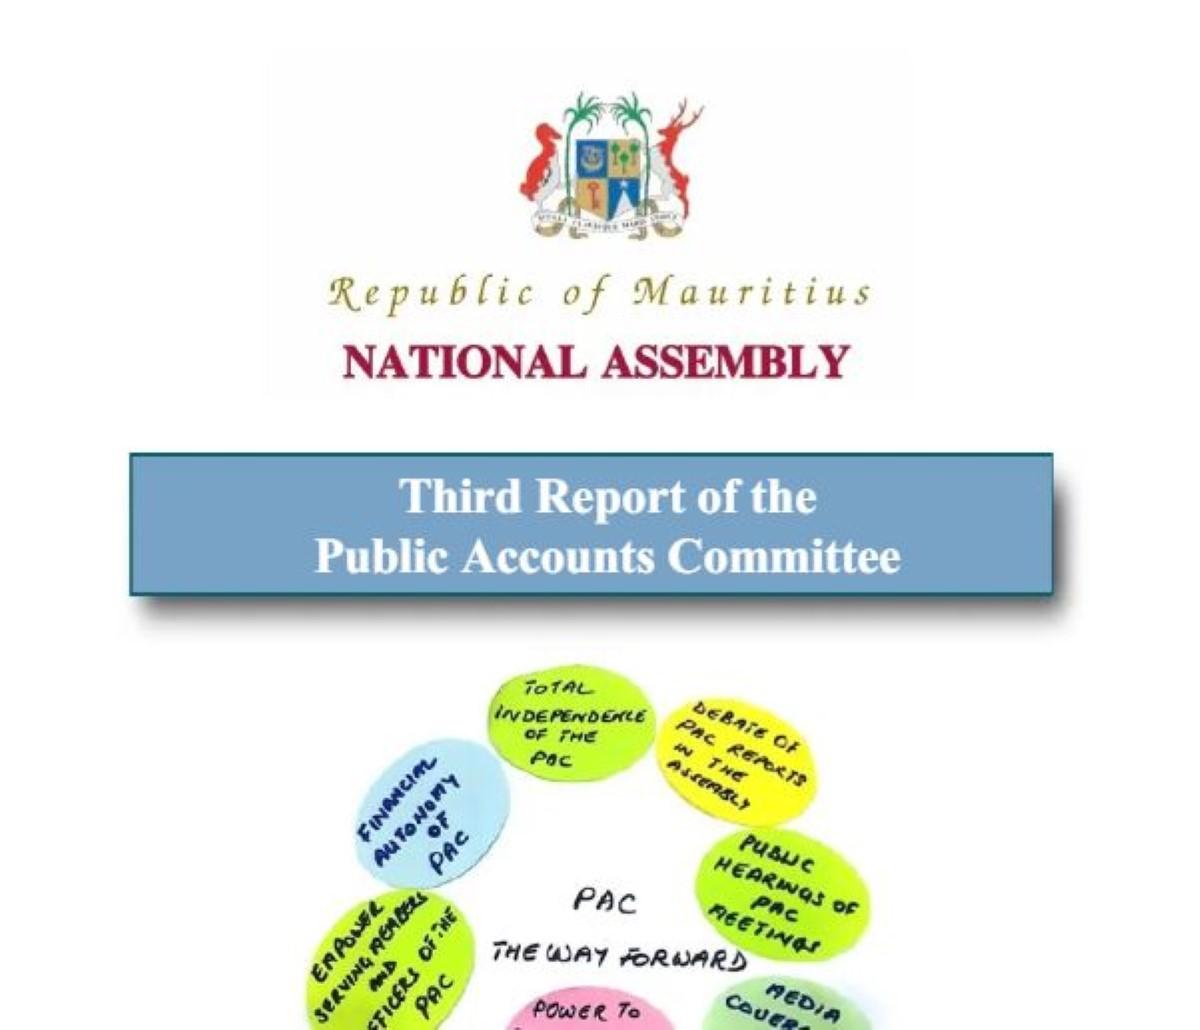 Le rapport du Public Accounts Committee (janvier 2015 à juin 2017)